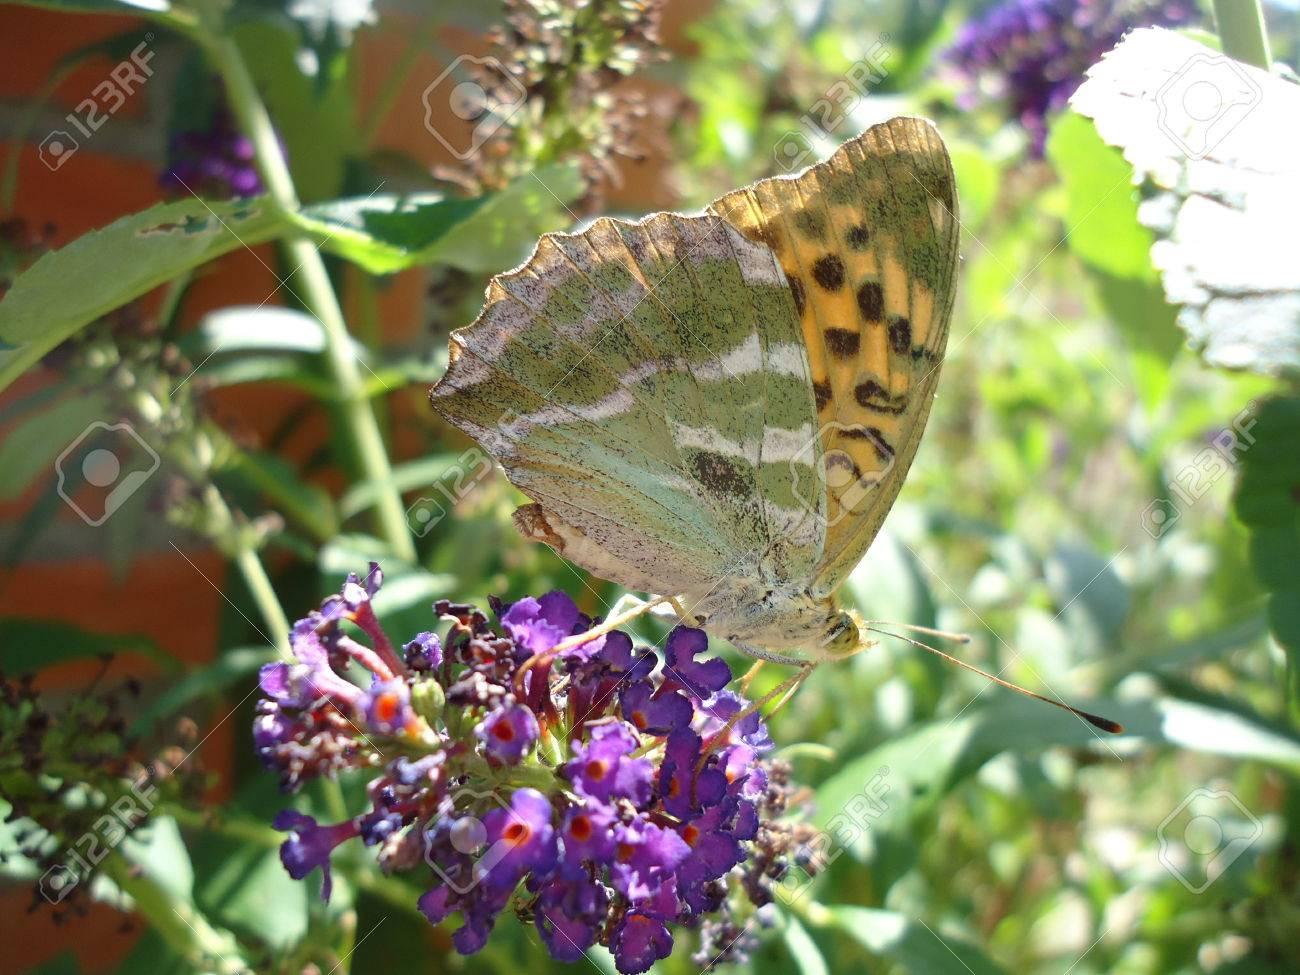 Butterfly resting on buddleja davidii flower Stock Photo - 22643171